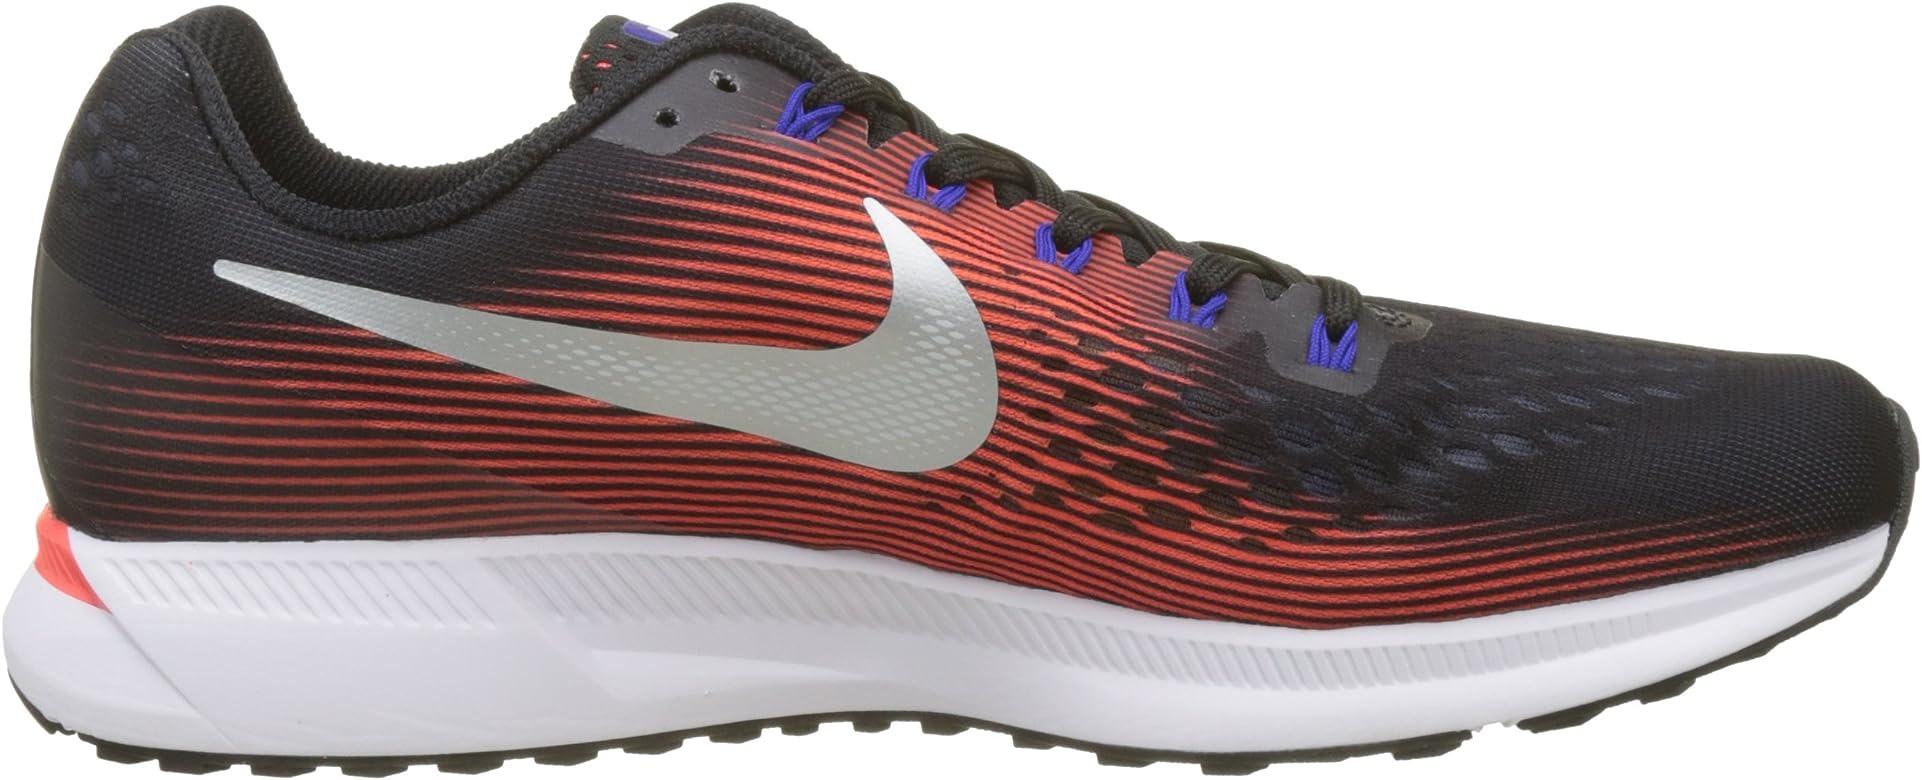 Nike Air Zoom Pegasus 34, Zapatillas de Running para Hombre, Negro (Black/Mtlc Silver/BRT Crimson/006), 42 EU: Amazon.es: Zapatos y complementos